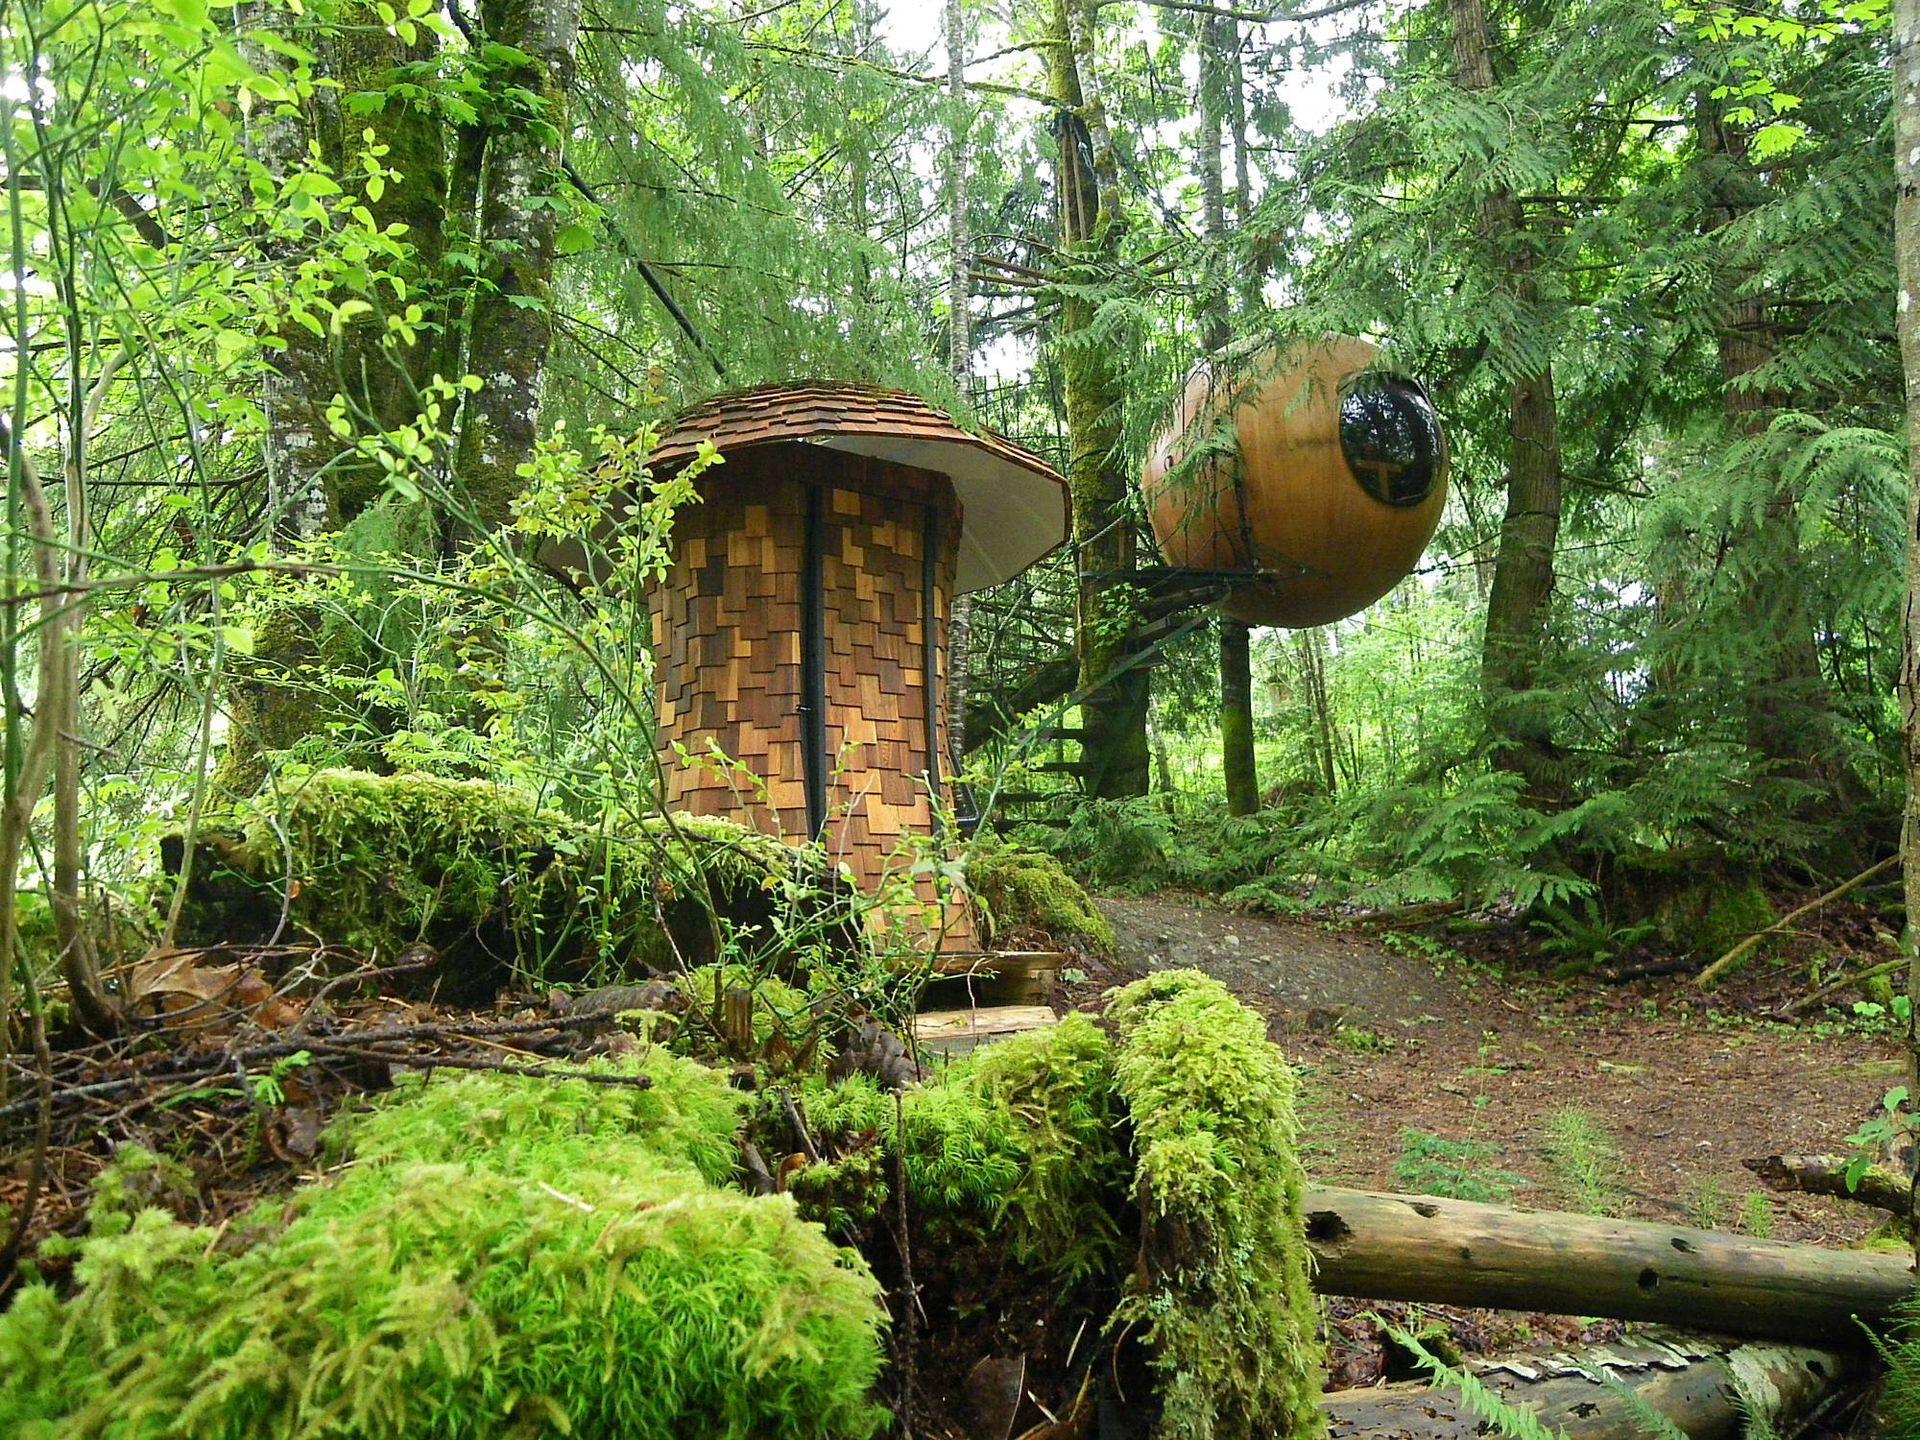 Las esferas del hotel de Tom Chudleigh parecen flotar en medio del bosque de Vancouver, Canadá.